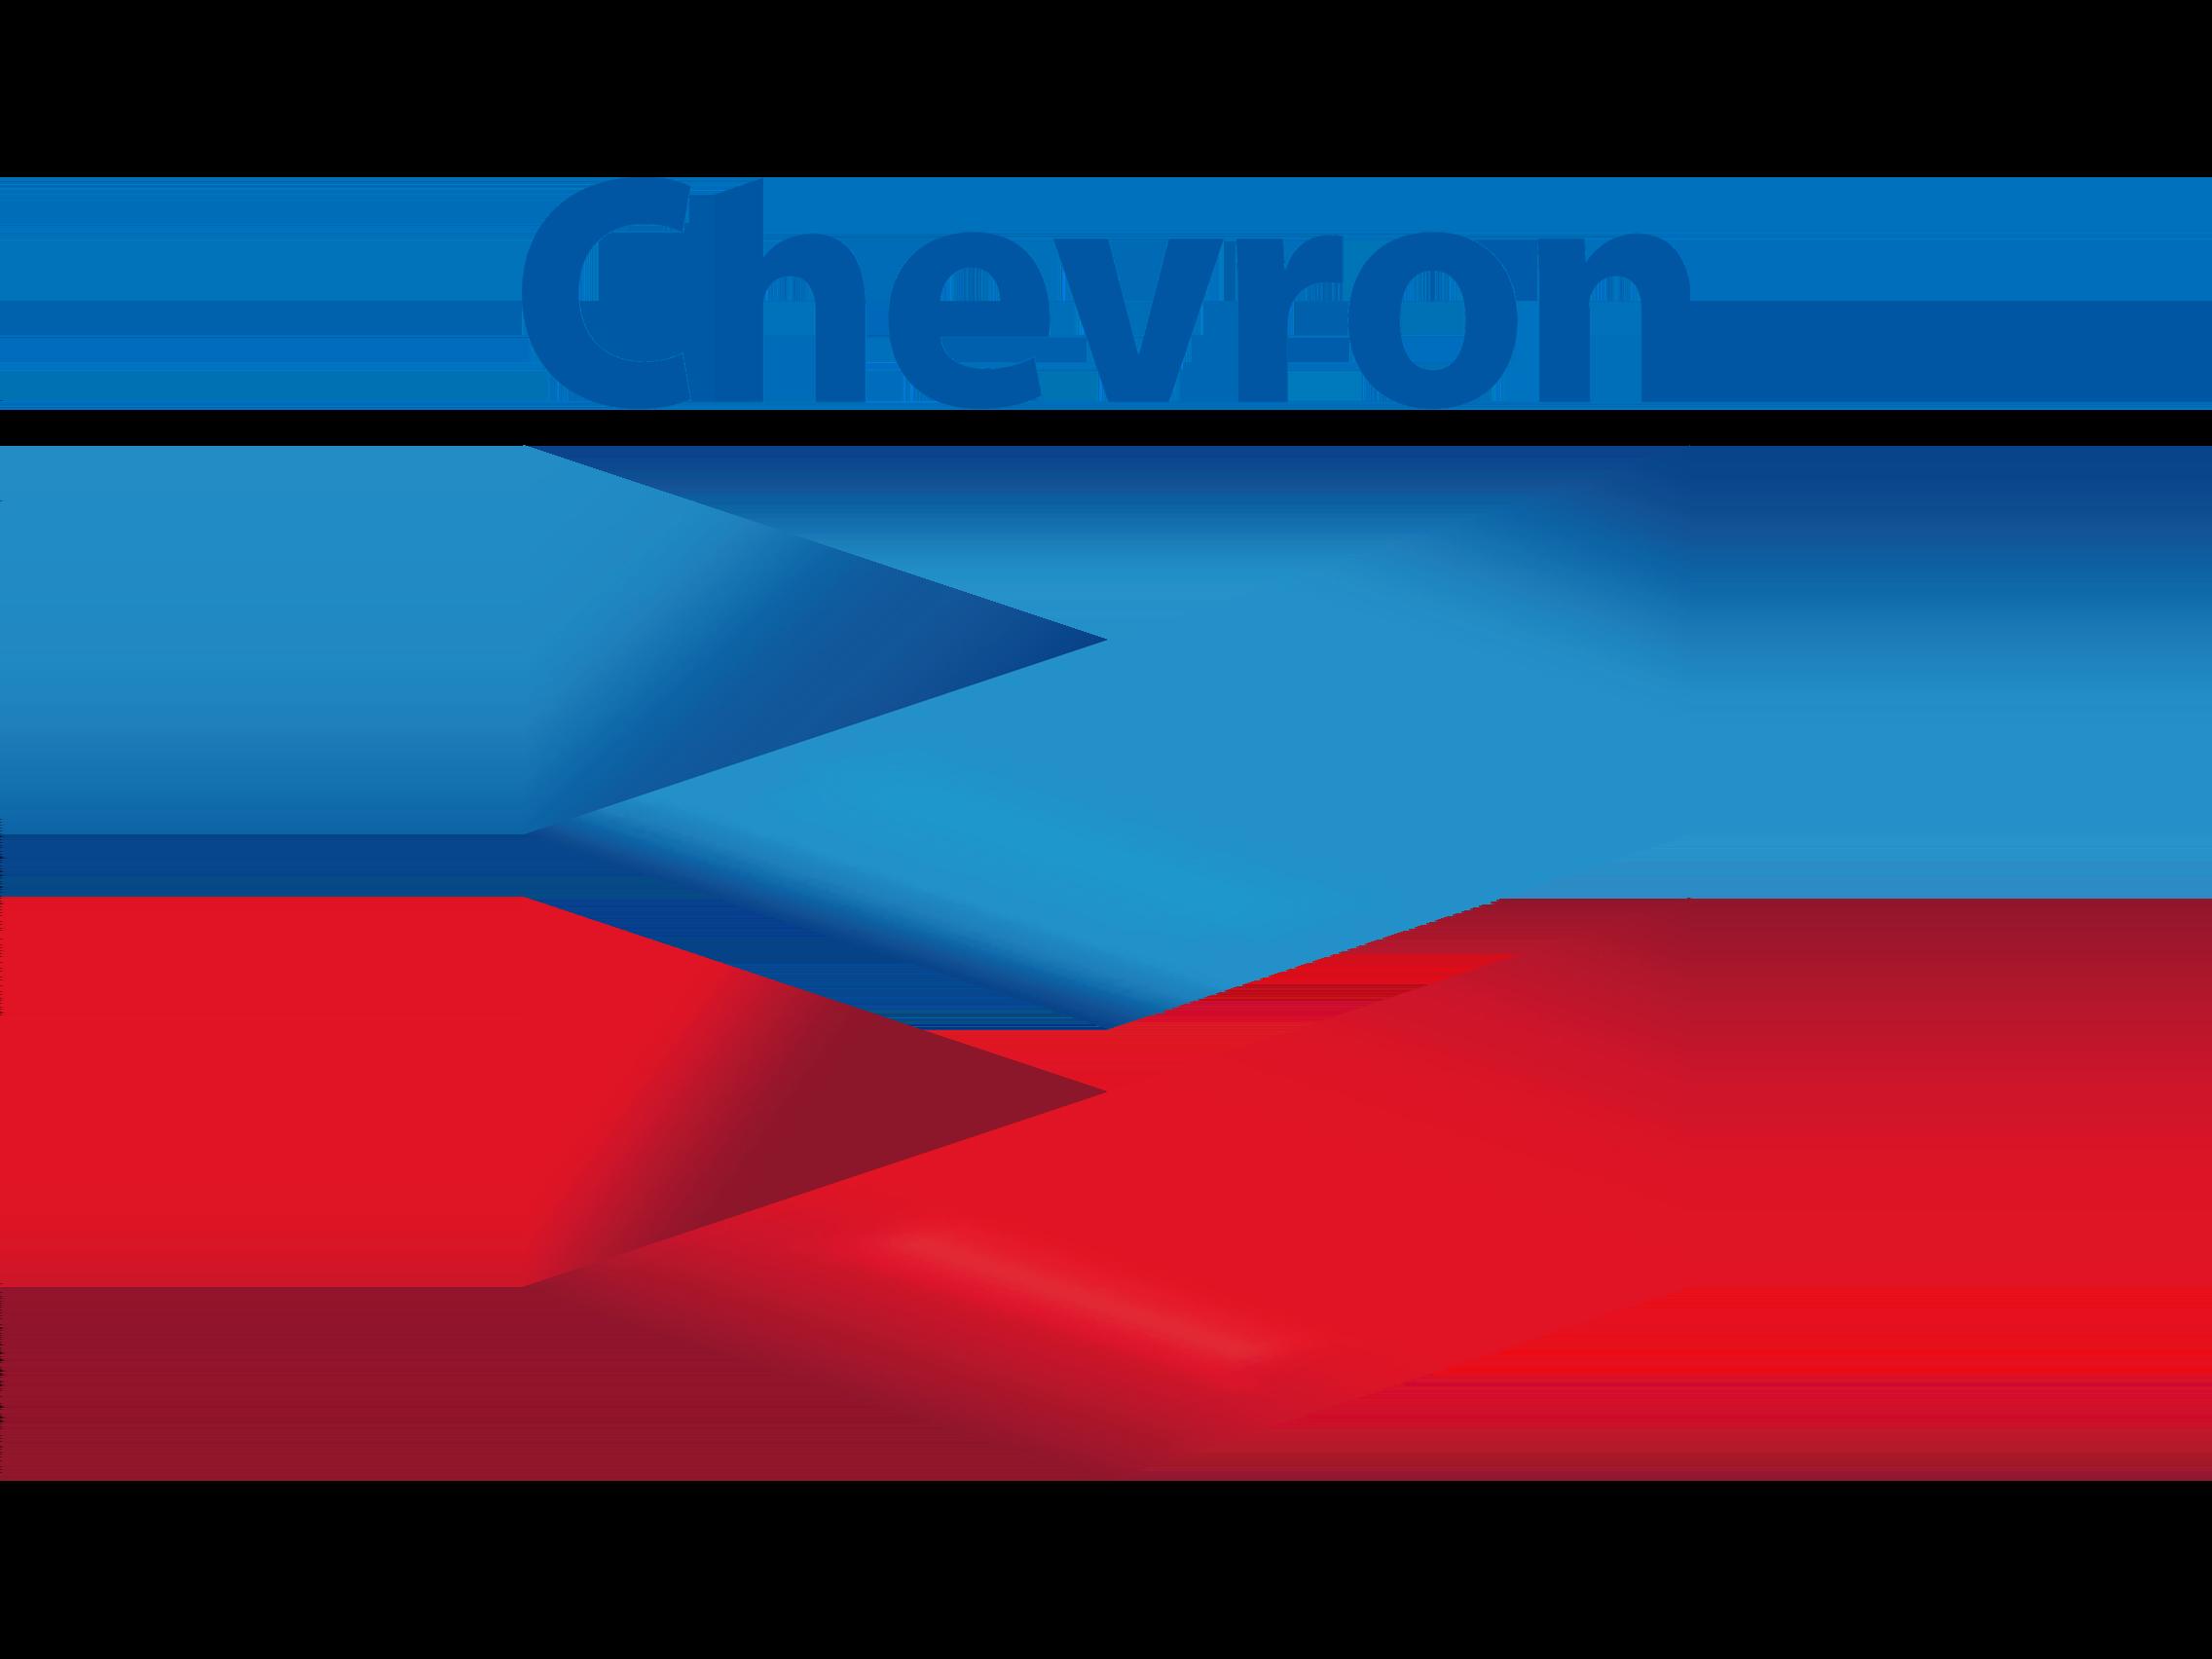 9 Chevron